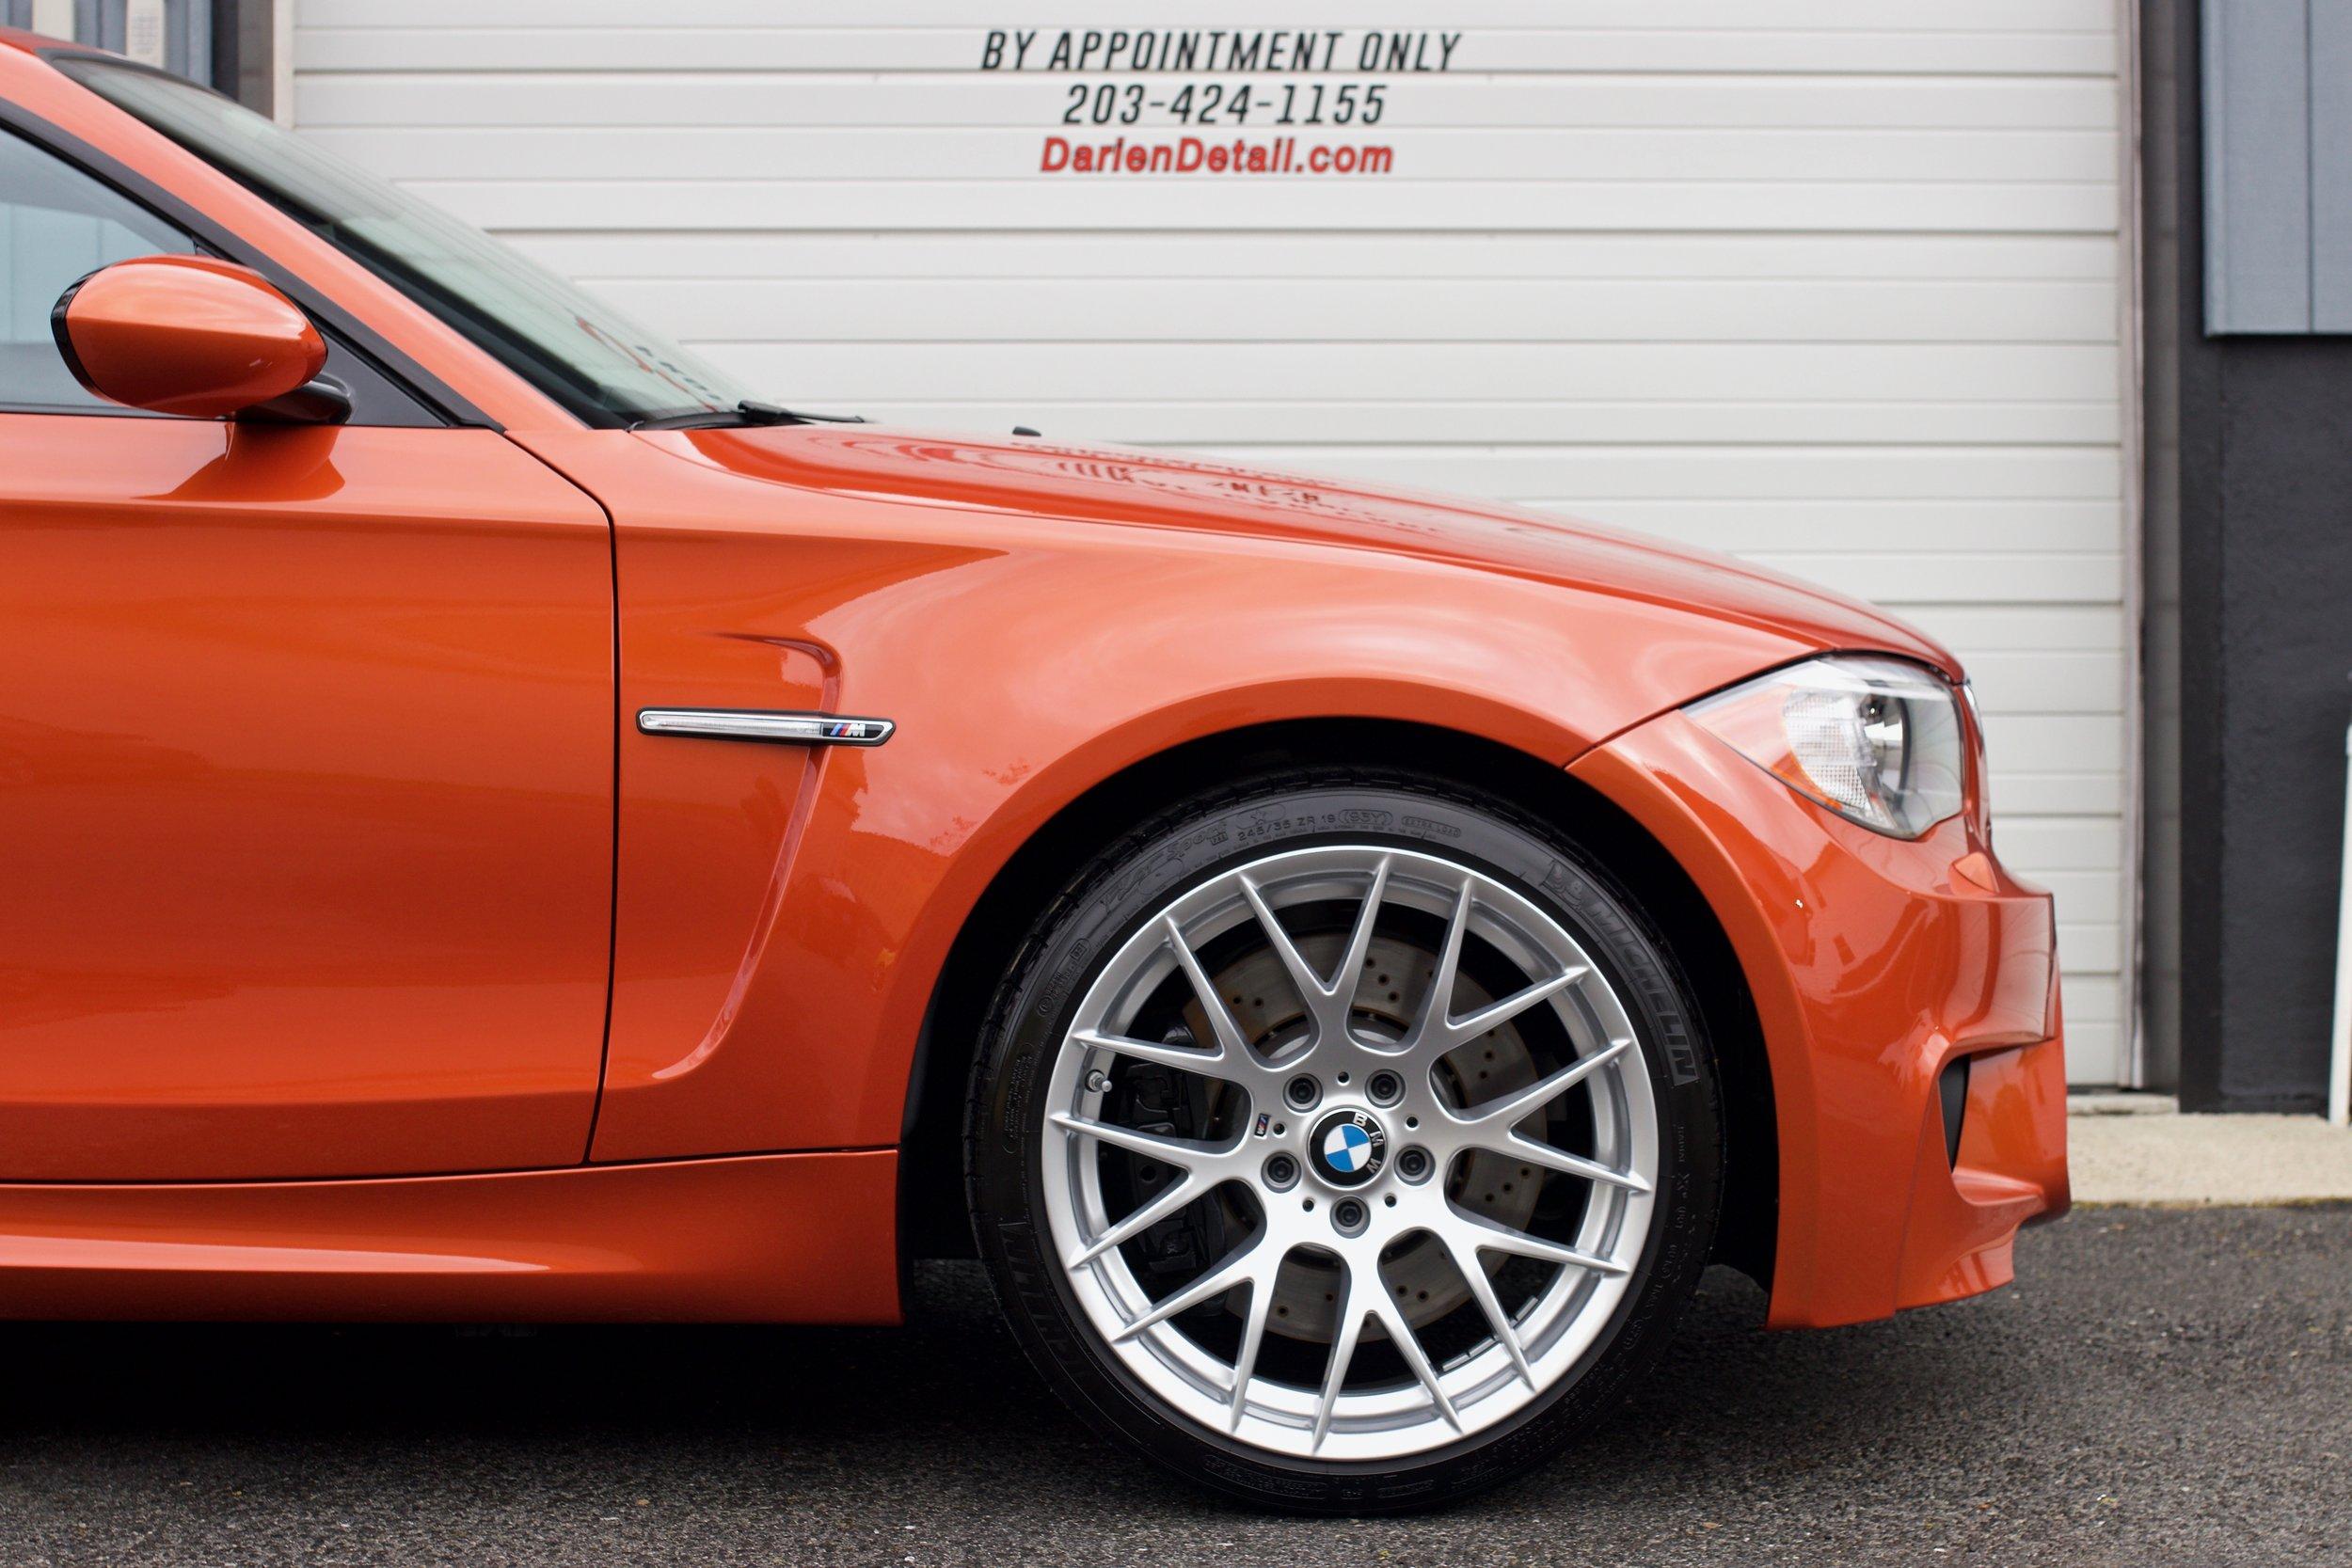 BMW 1M - Paint Protection Film - CQuartz Finest Reserve